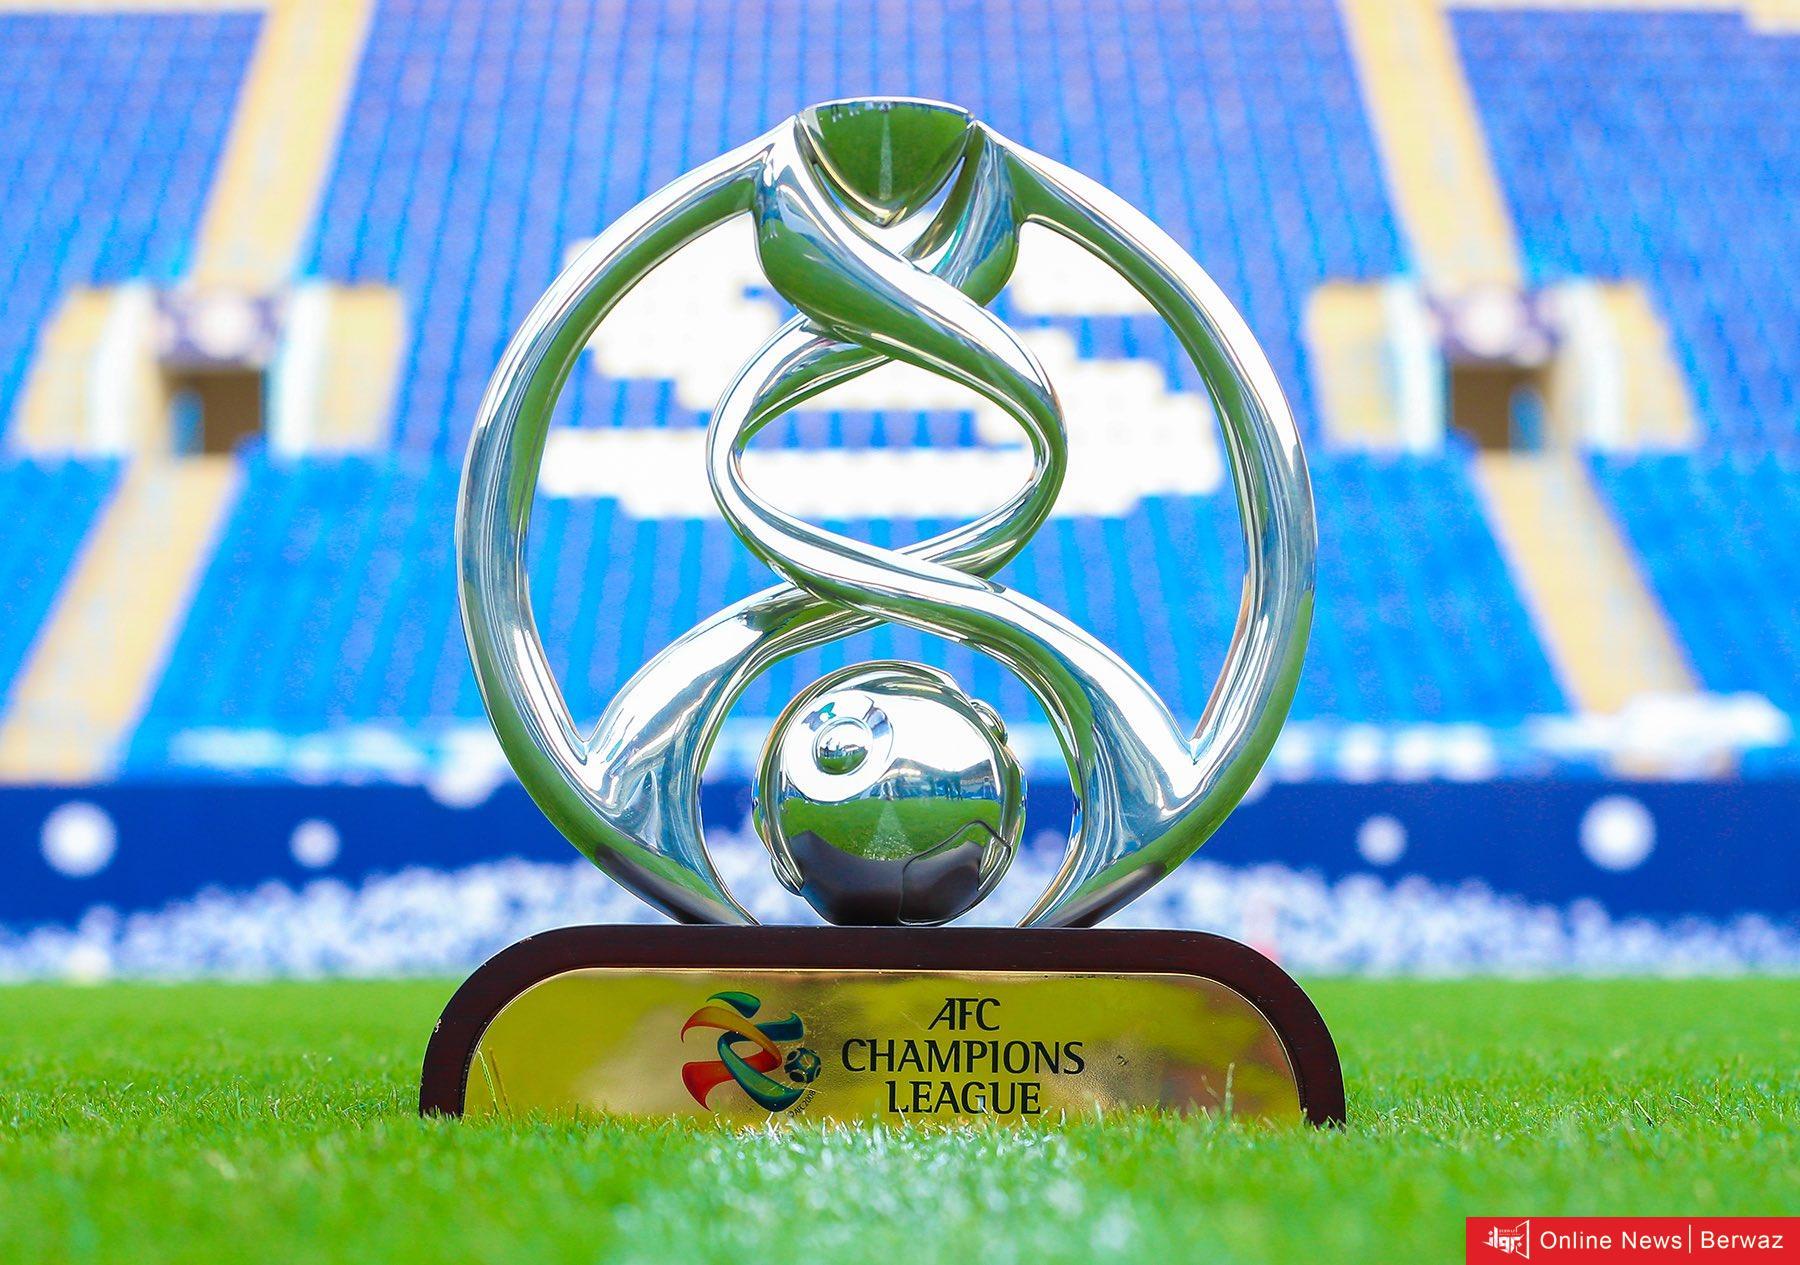 1594888443 62826274 4a11 4169 a4b0 45e9b0e59caf - الإتحاد الآسيوي يعلن نقل المباريات المتبقية في دوري الأبطال إلى قطر